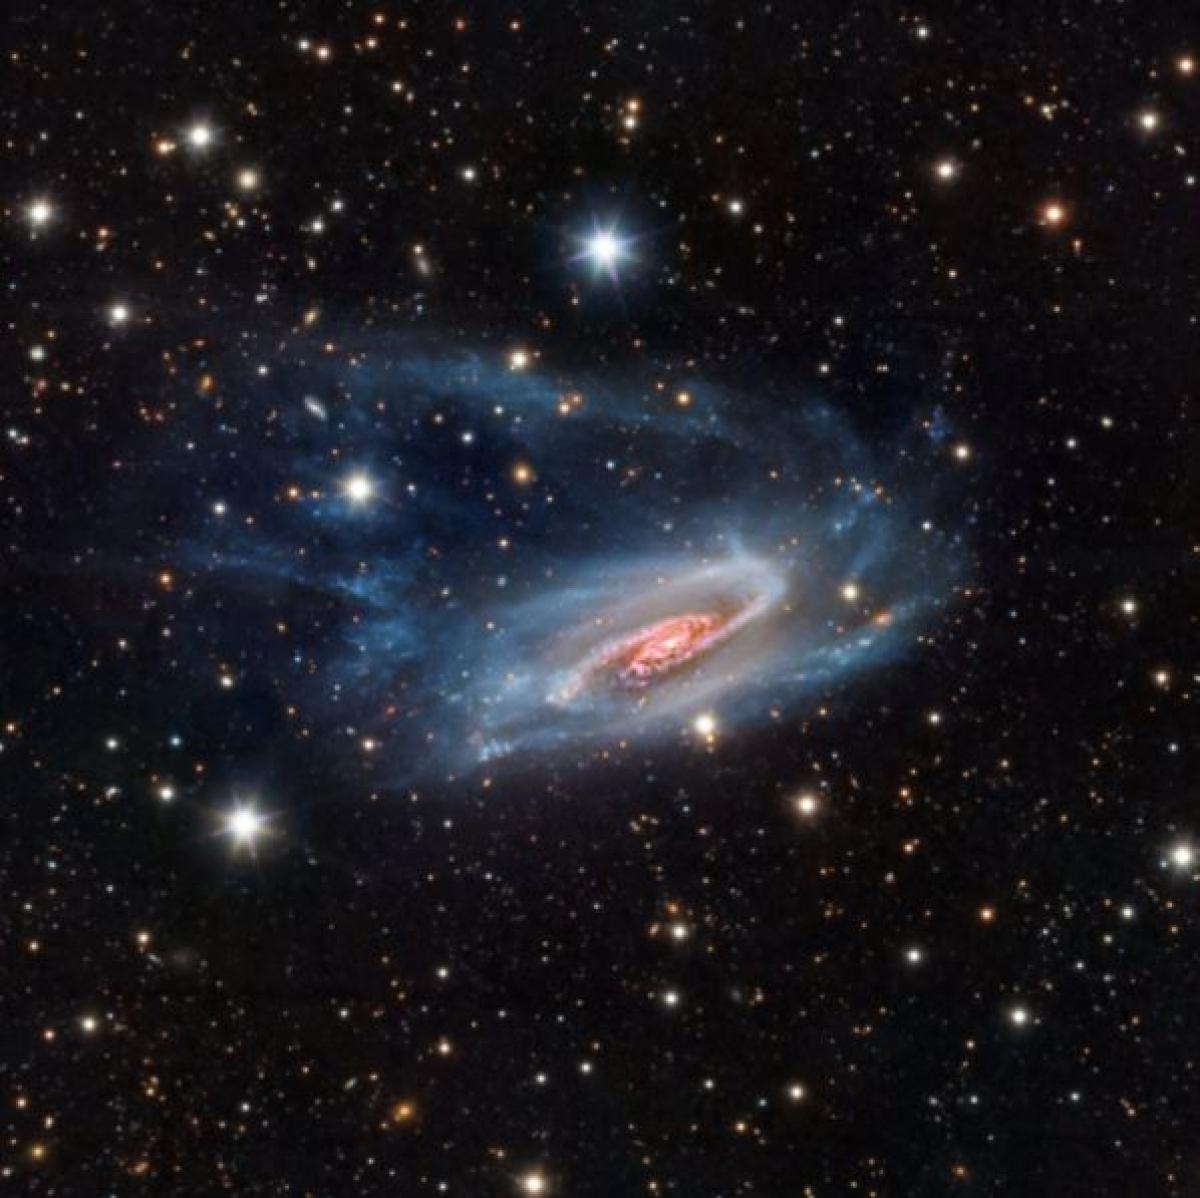 Những hình ảnh ấn tượng khiến chúng ta trầm trồ về vẻ đẹp của vũ trụ - Ảnh 15.